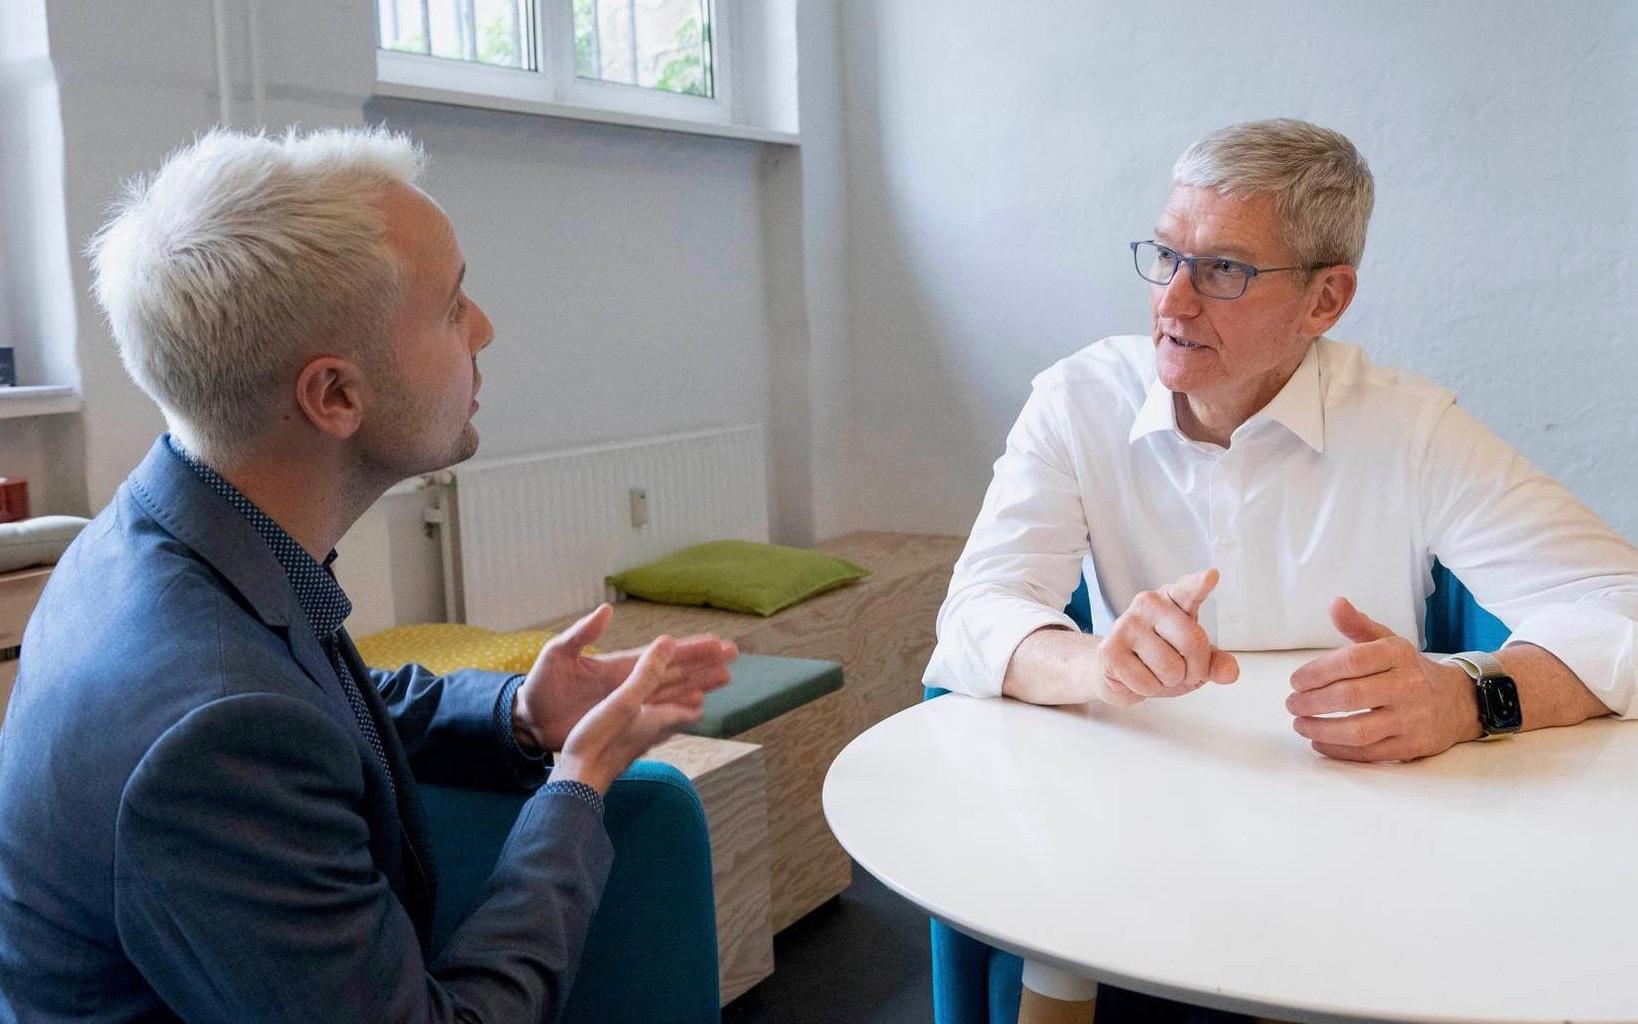 """15 câu hỏi phỏng vấn cực """"hack não"""" của Apple để chị em tham khảo, gặp HR oái oăm còn biết cách ứng đáp!"""